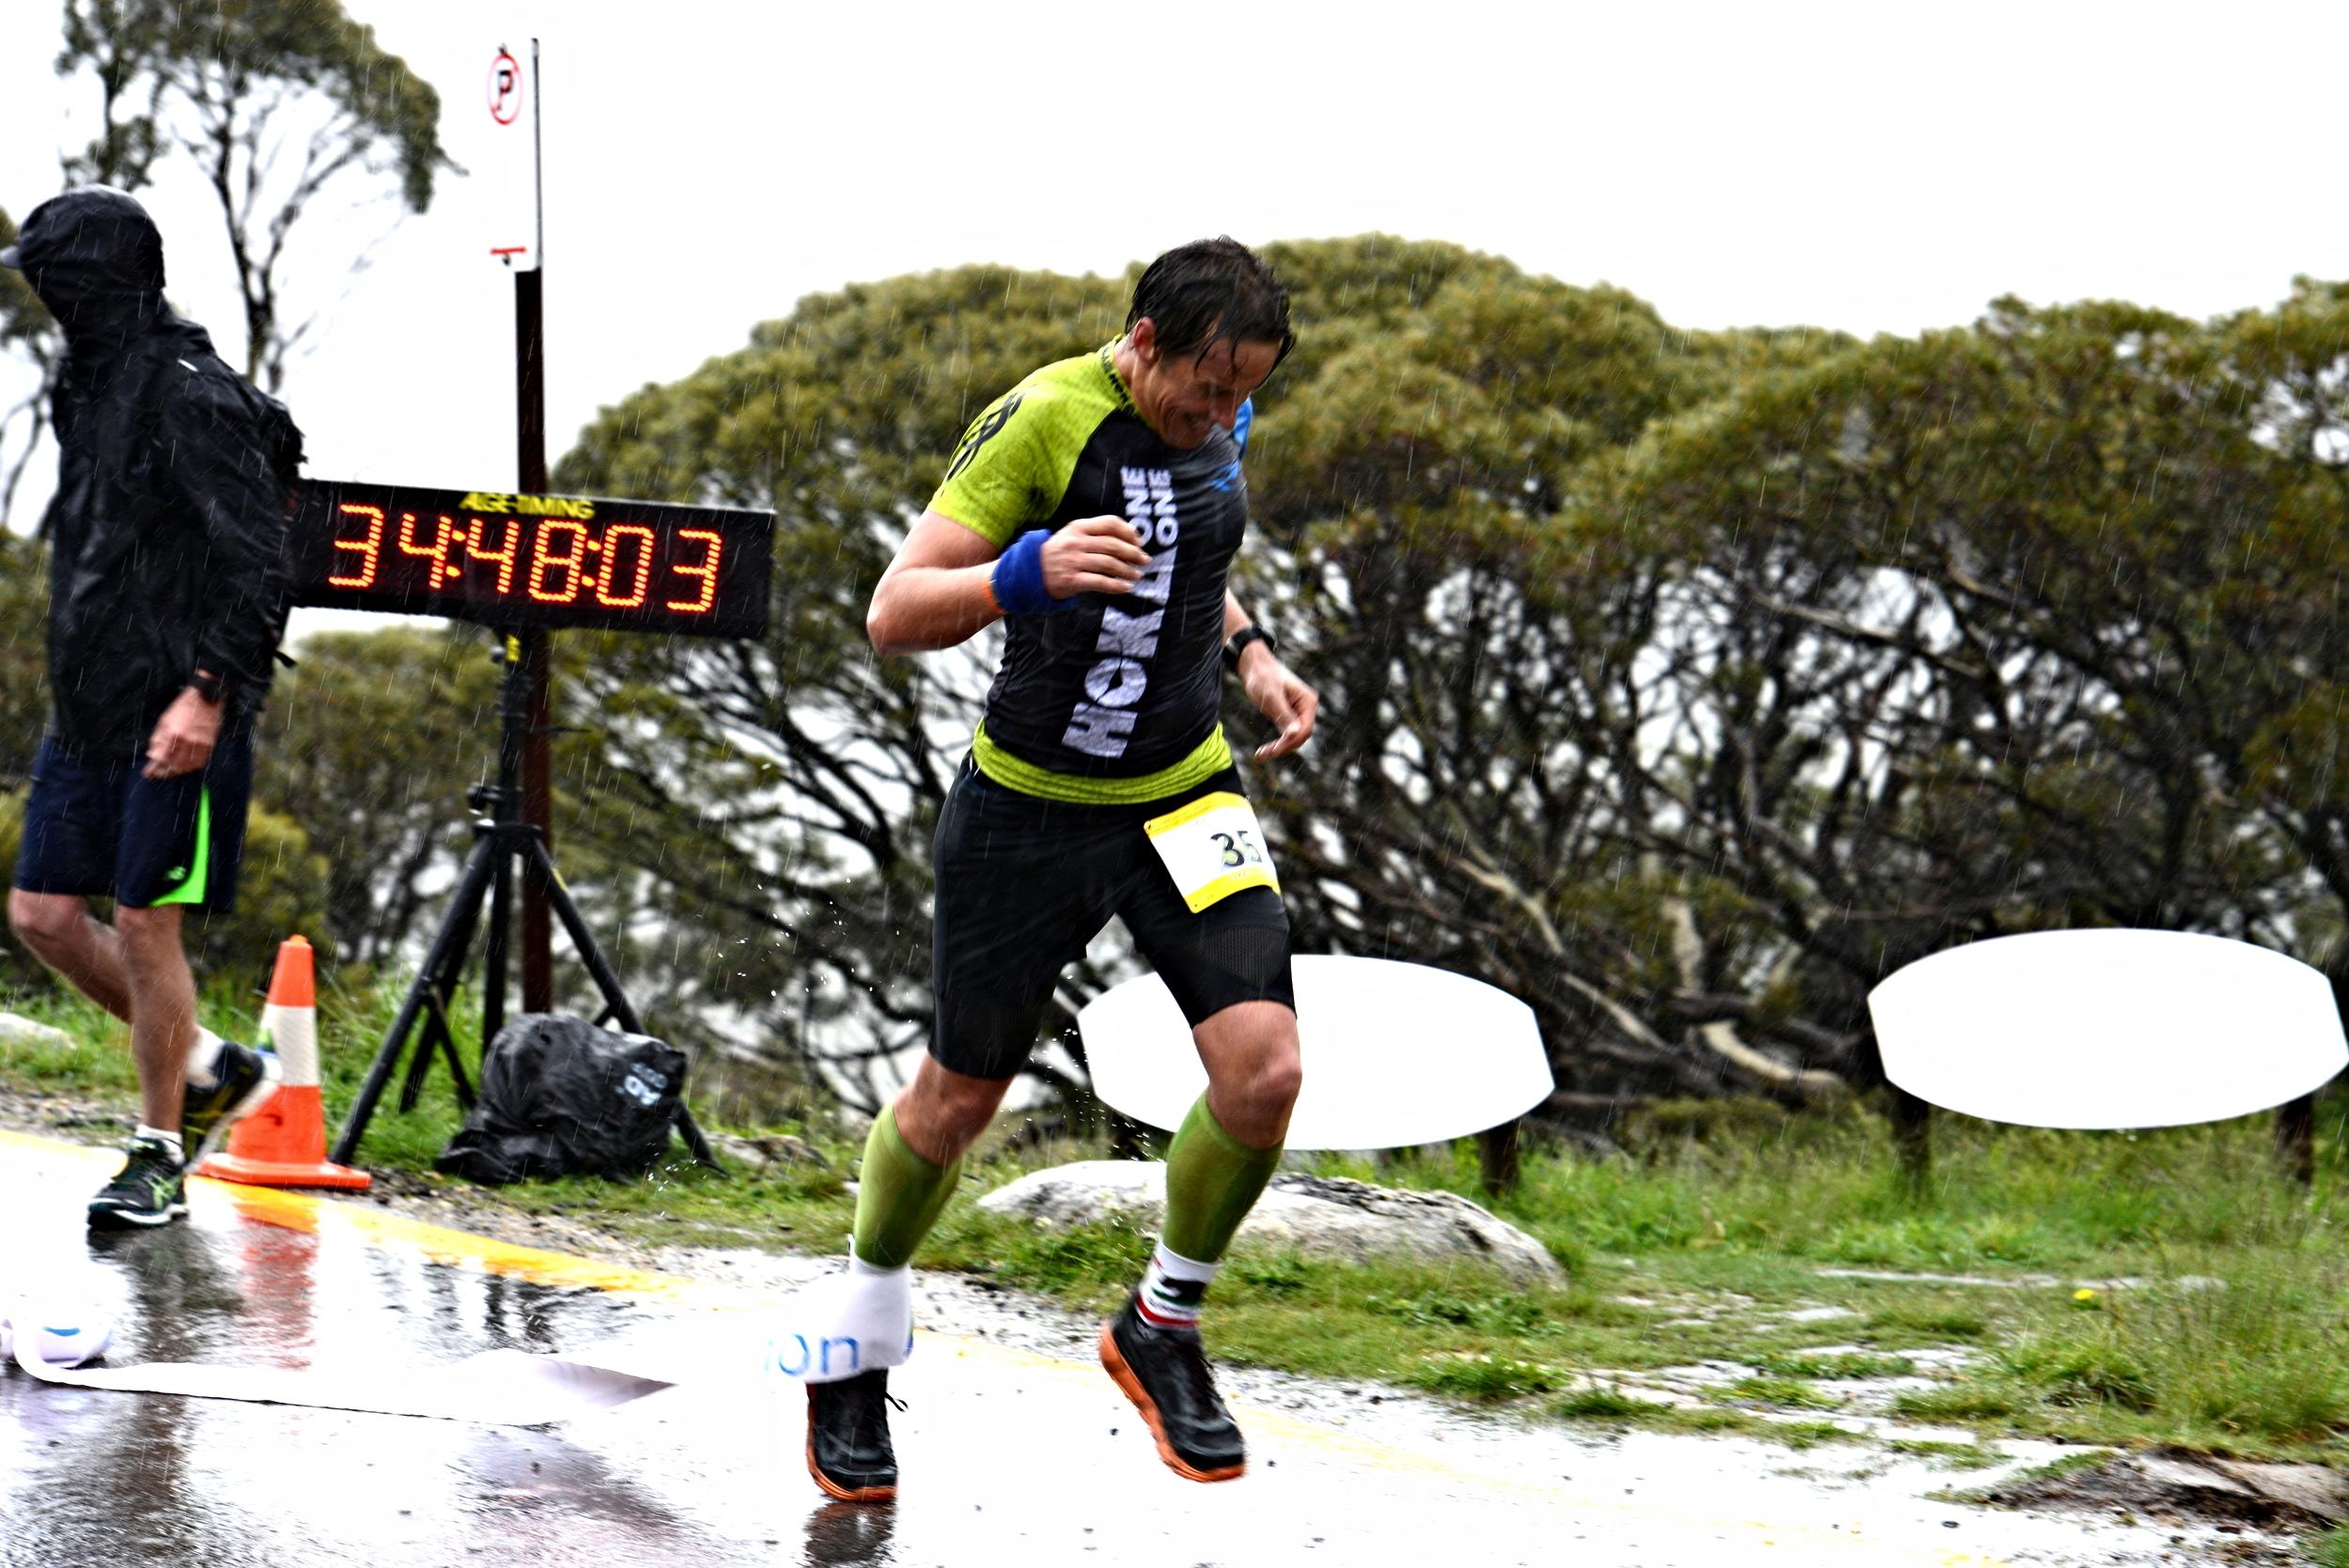 Roger Hanney - Sydney, Australia - Ultra Runnner